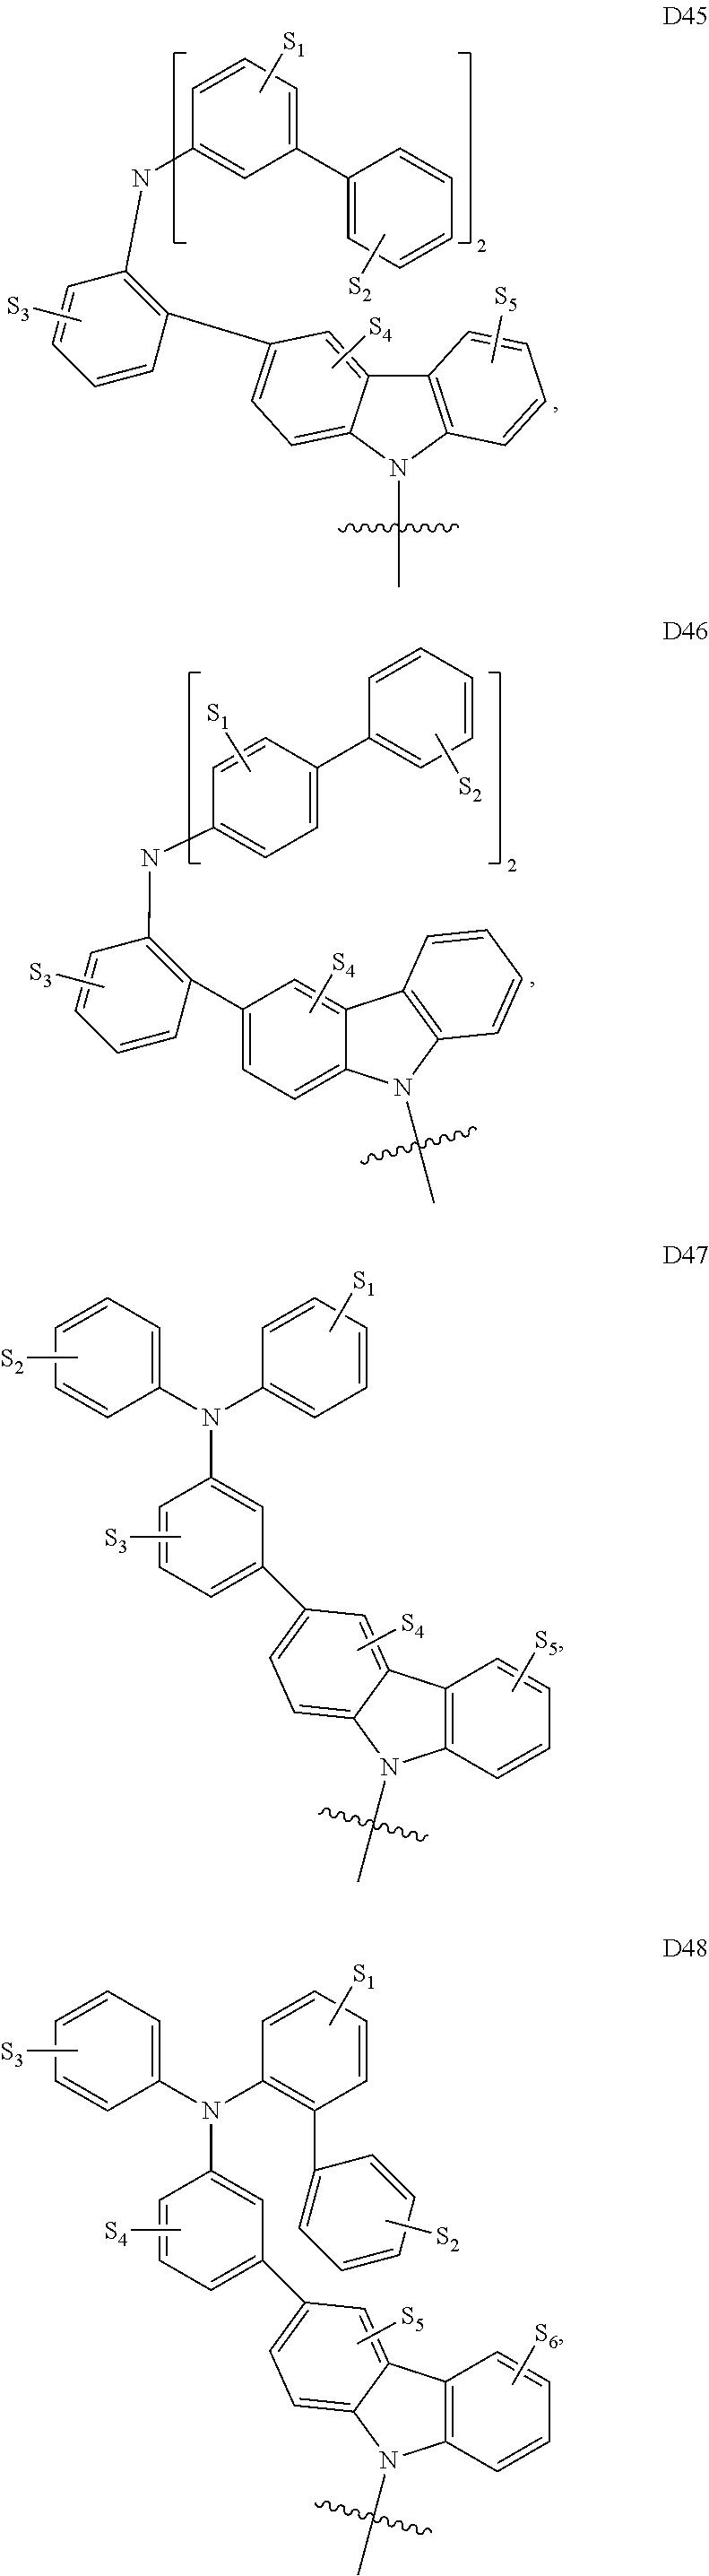 Figure US09537106-20170103-C00133